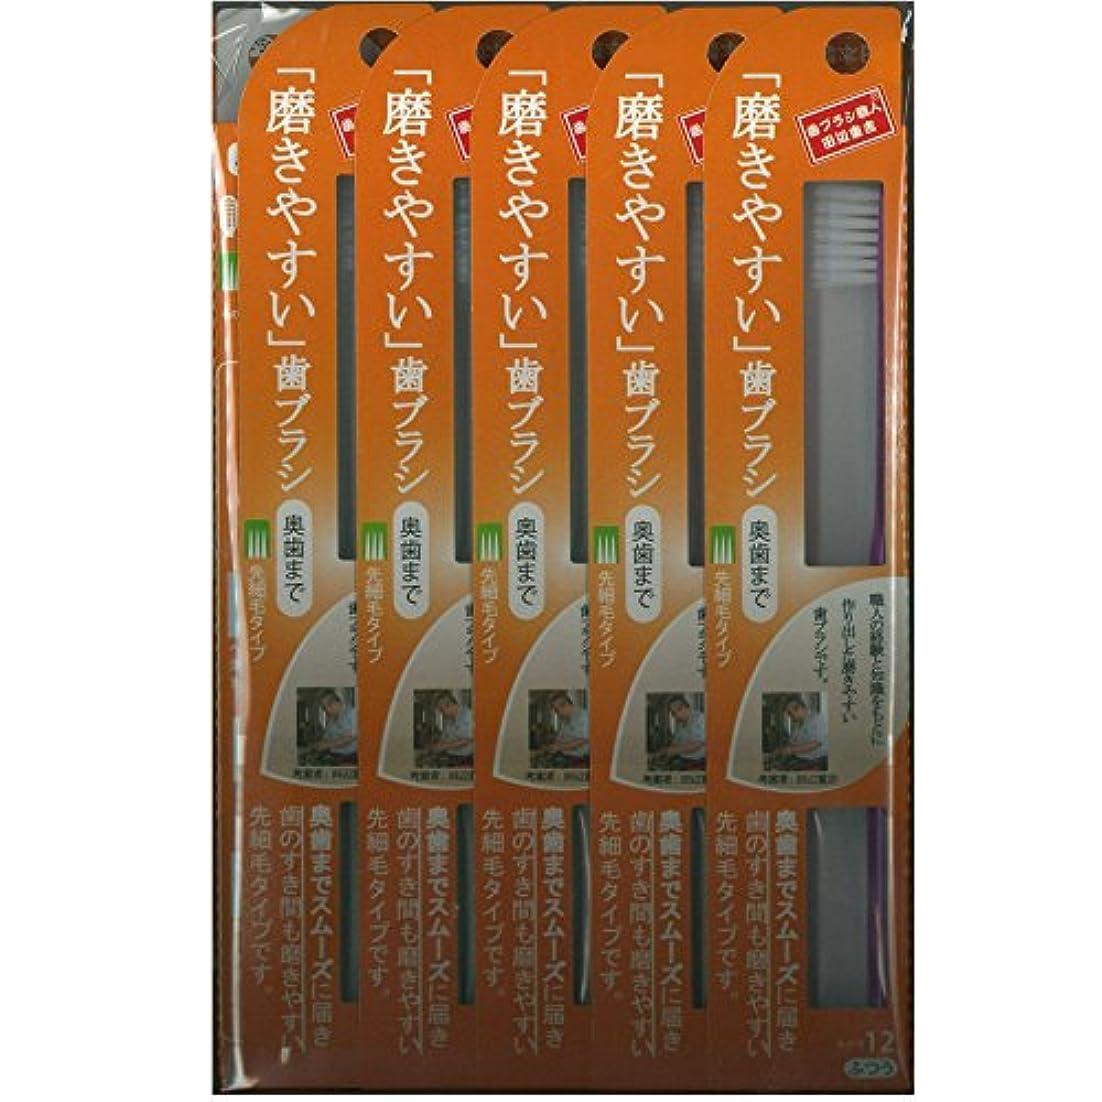 効能ある地上のモス磨きやすい歯ブラシ(奥歯まで)先細 LT-12×12本セット( ピンク×4本、ブルー×4本、グリーン×2本、パープル×2本)